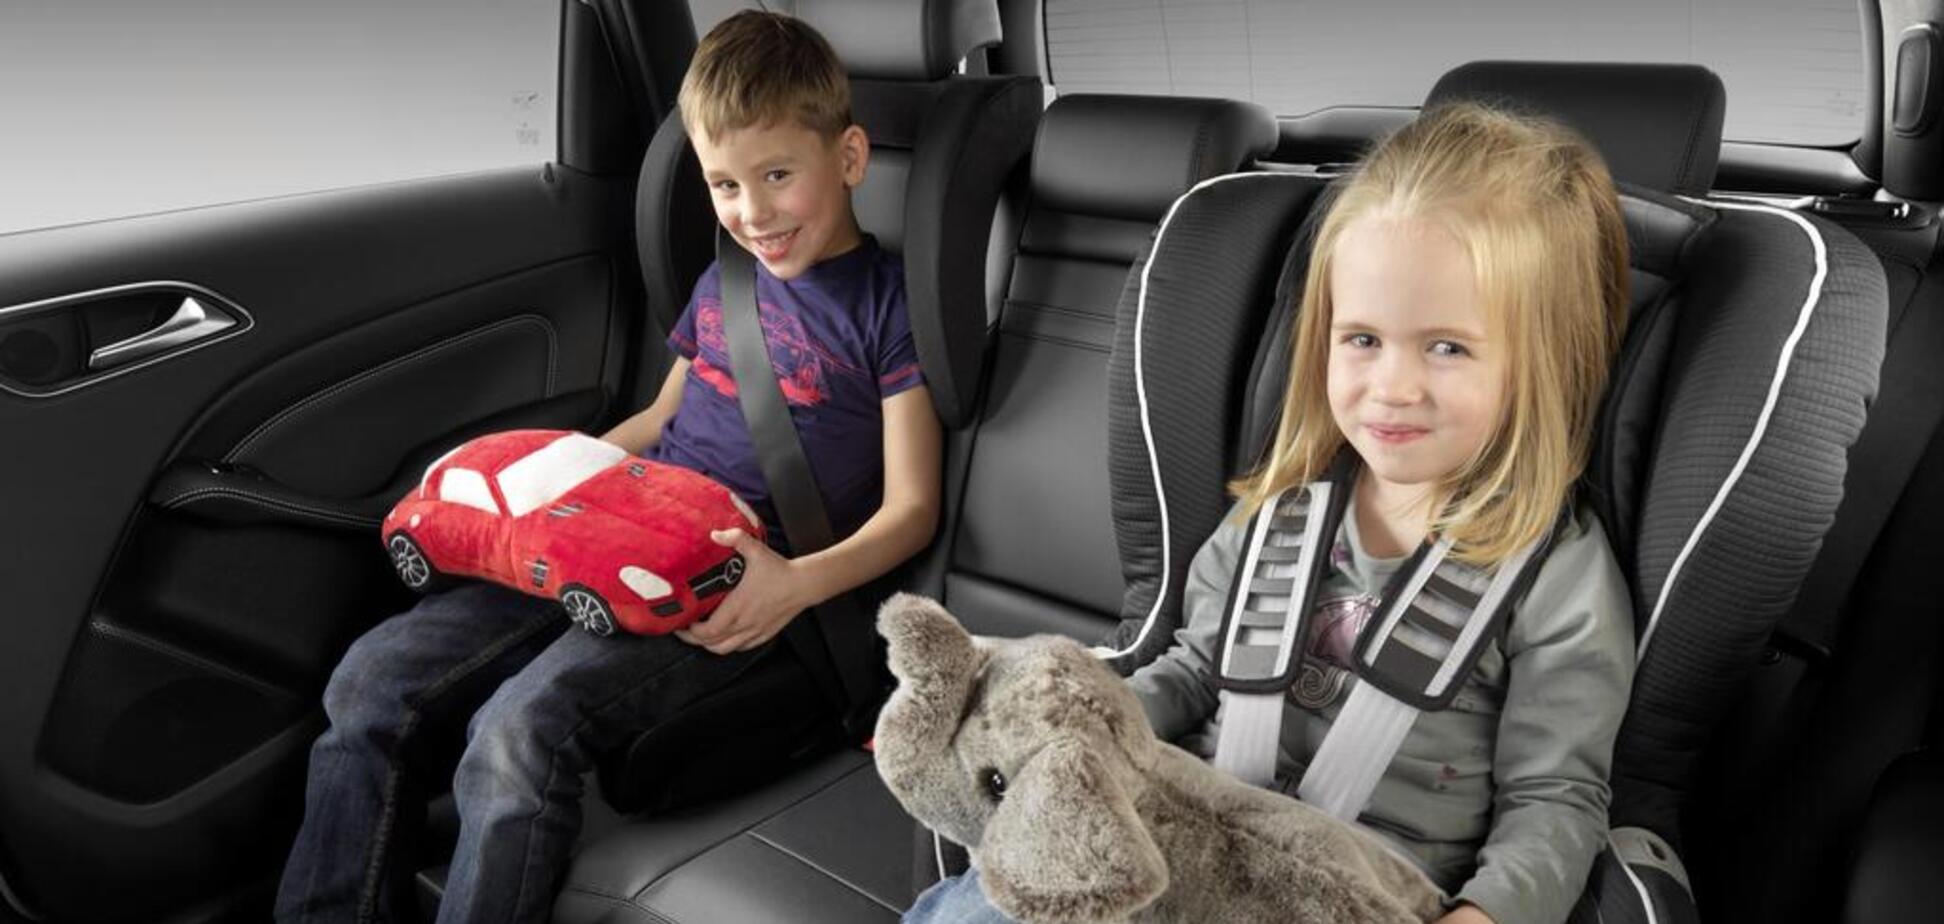 В Украине официально ввели штрафы за перевозку детей без автокресел: чего ожидать